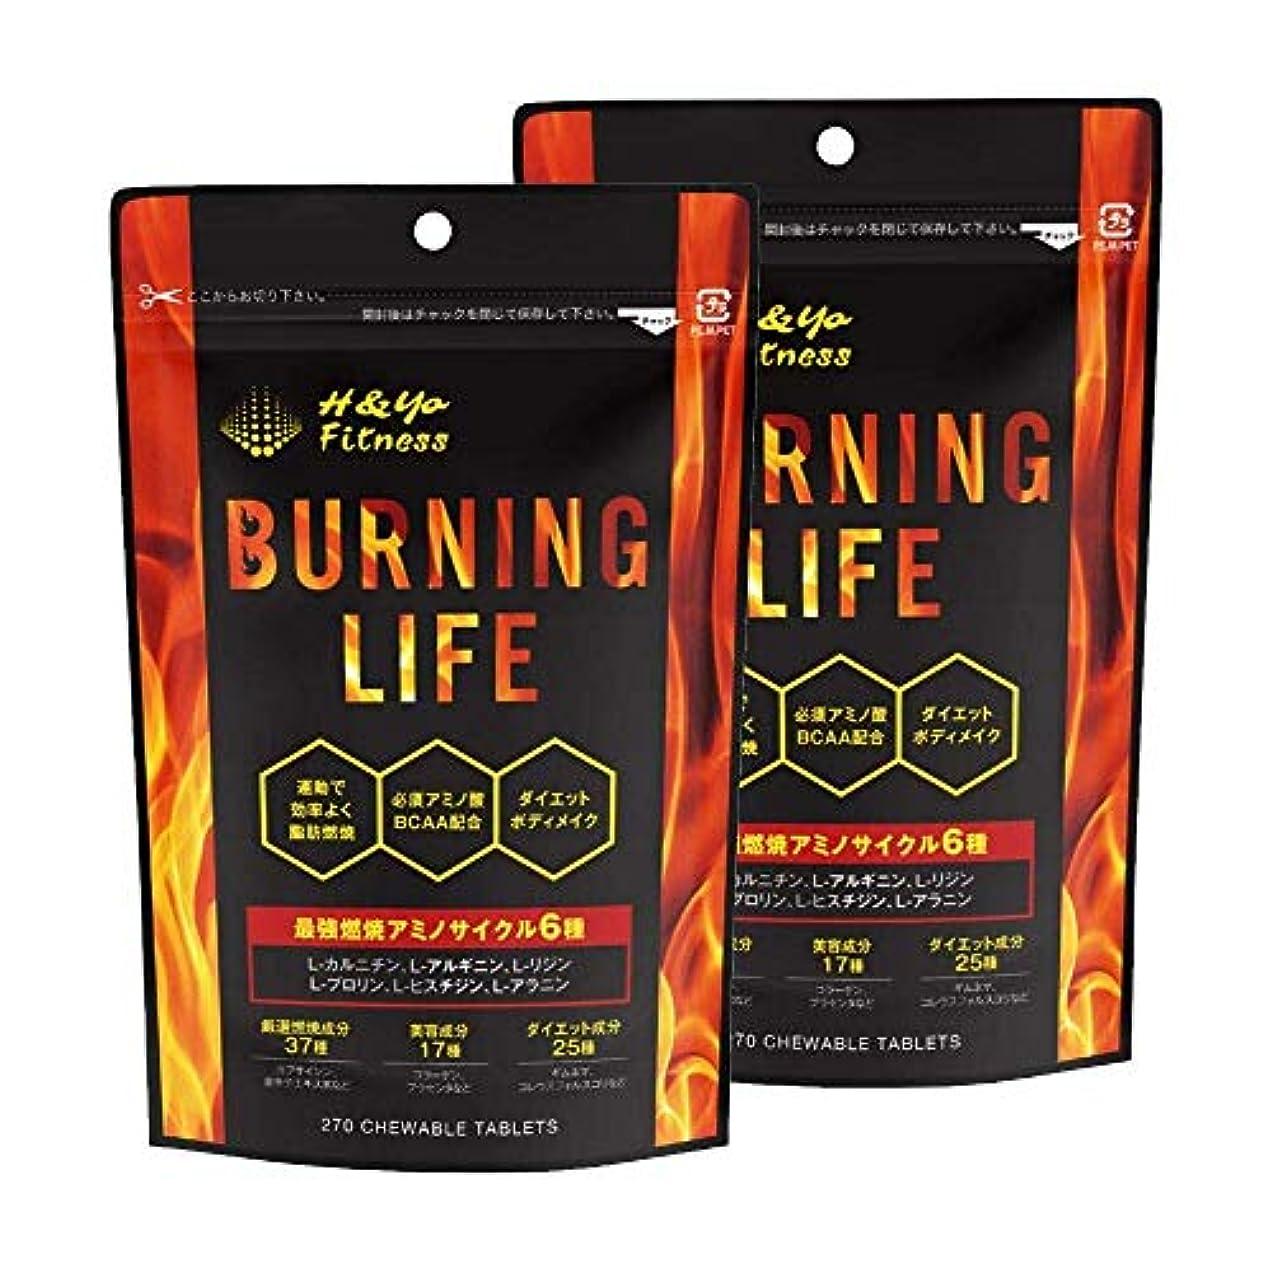 レビュー偉業秋BURNING LIFE 燃焼系ダイエットサプリ L-カルニチン 必須アミノ酸BCAA配合 運動時の燃焼を強力サポート 270粒 (2か月分)